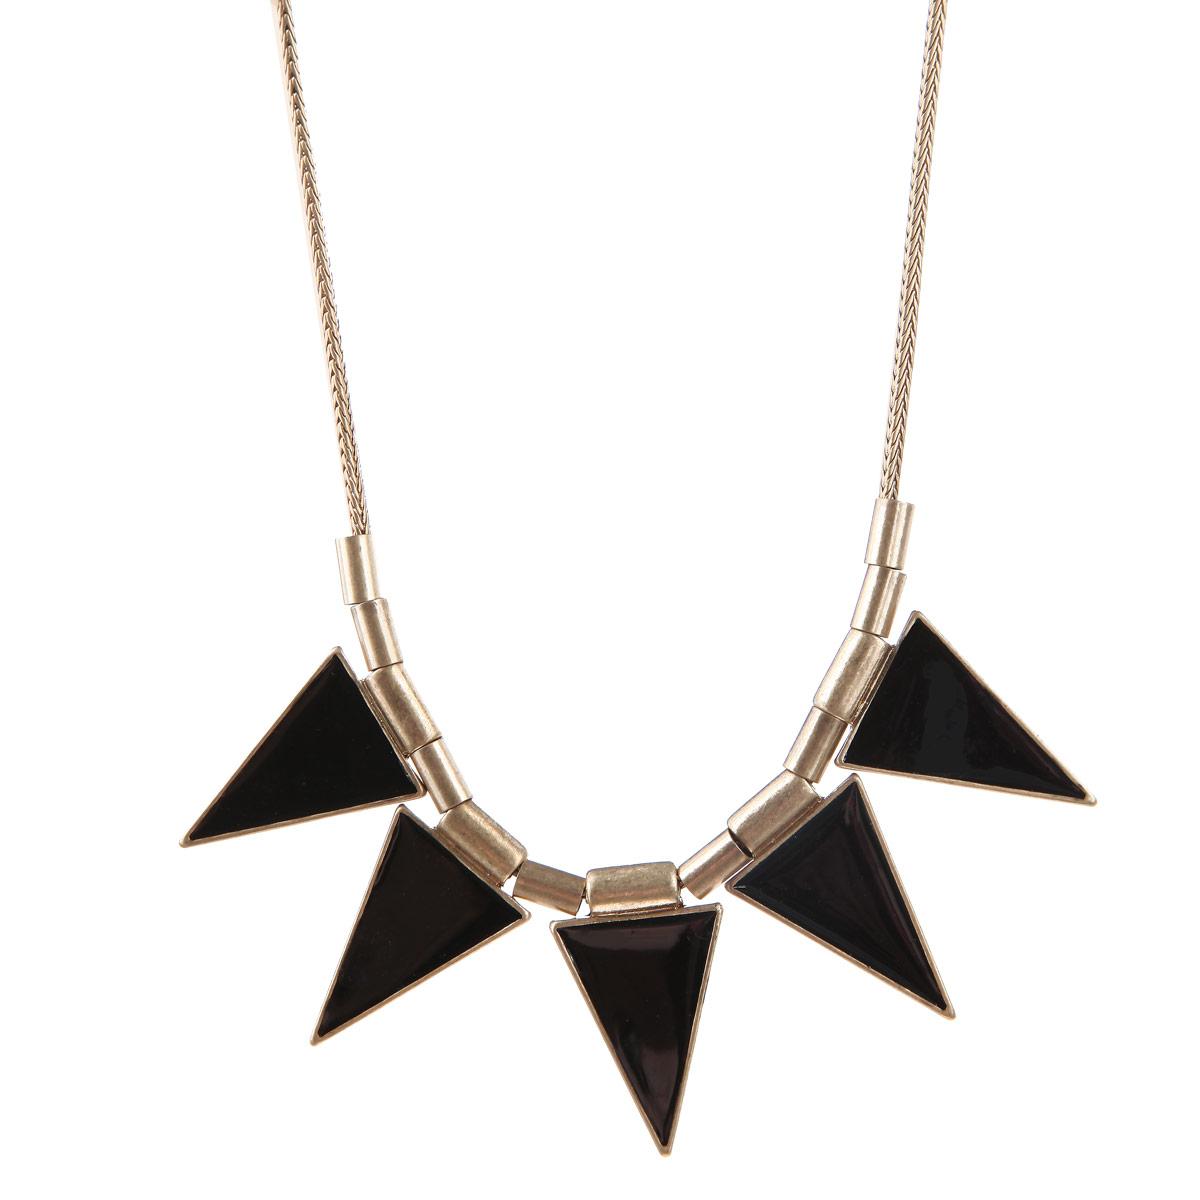 Колье Milana Style, цвет: золотой, черный. 00187xl00187xlКолье Milana Style не оставит равнодушной ни одну любительницу модных аксессуаров. Модель представляет собой металлический шнурок с 5 подвесками в виде треугольников, покрытых черной эмалью. Затягивающийся шнурок является отличной альтернативой замку-карабину. Колье имеет необычный яркий дизайн и будет потрясающе смотреться на шее своей обладательницы. Благодаря модному дизайну и лаконичному сочетанию цветов, колье идеально подойдет как для повседневного образа, так и для вечернего наряда. С аксессуарами Milana Style можно подобрать себе украшение на любой случай жизни. Идеальный вариант для женщин, которые любят стиль во всем, даже в мельчайших деталях.